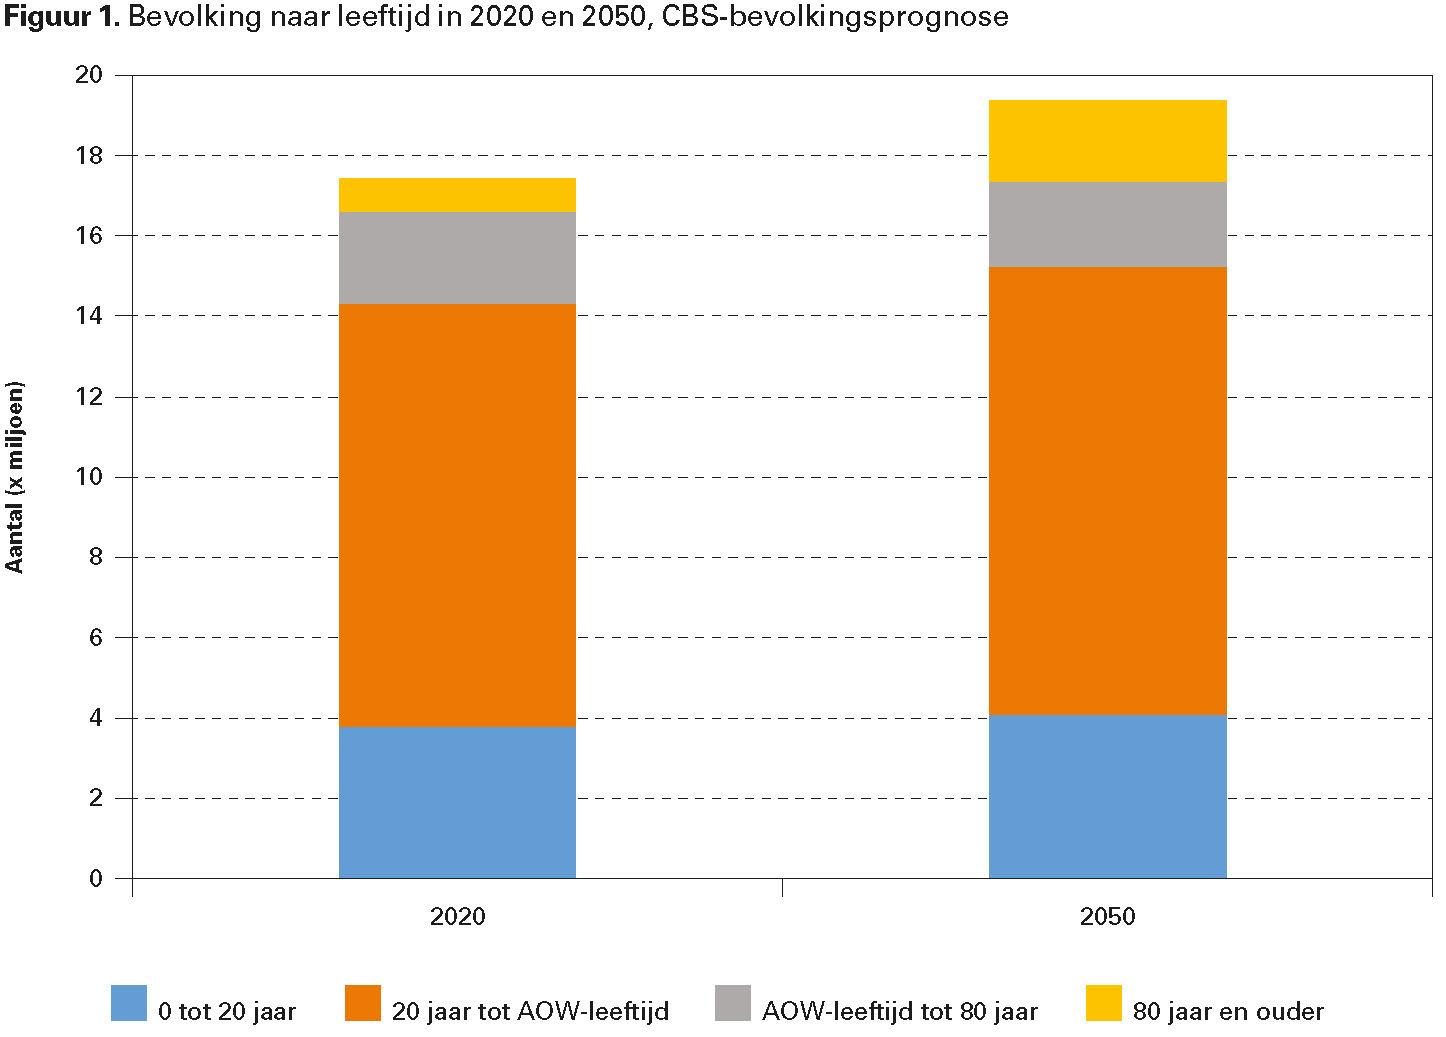 Figuur 1. Bevolking naar leeftijd in 2020 en 2050, CBS-bevolkingsprognose